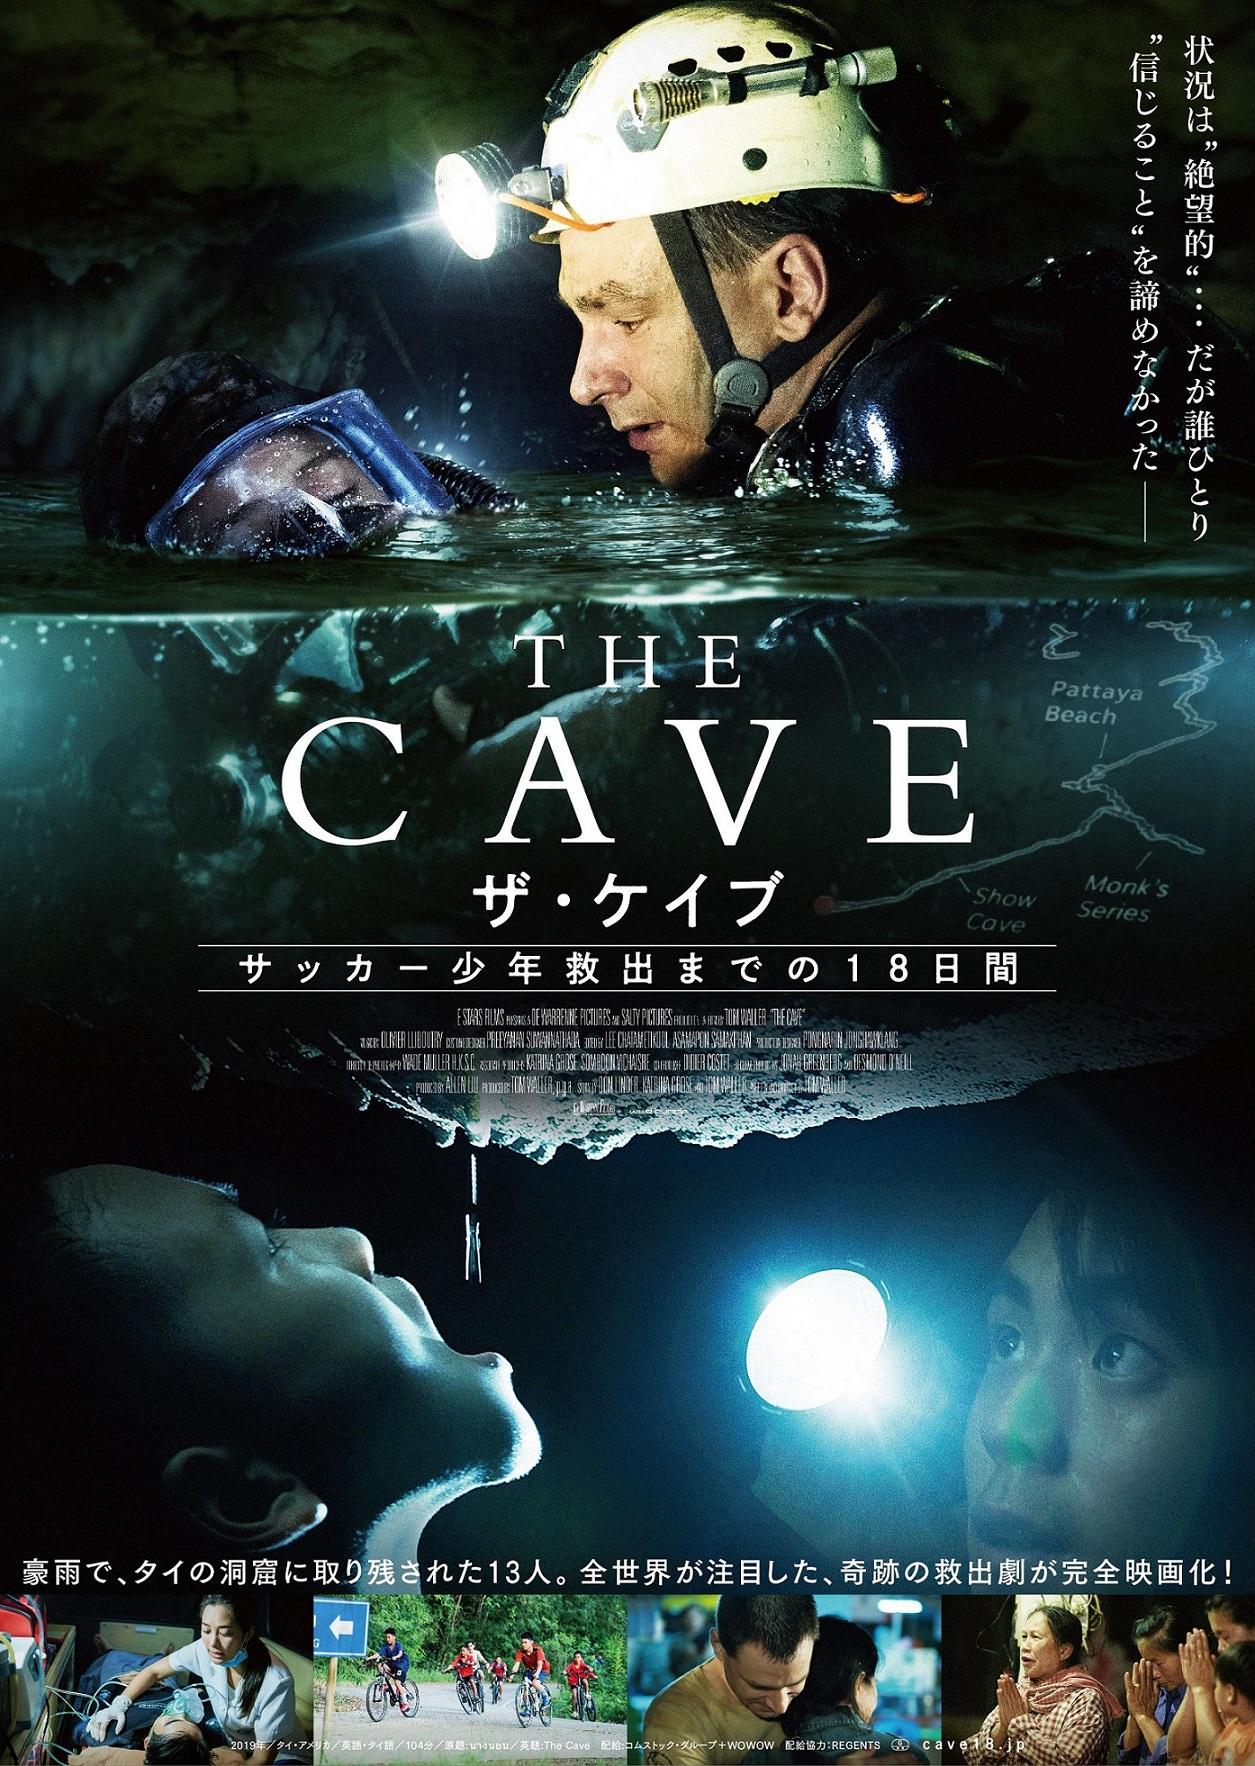 決死の救出劇を捉えた緊迫の場面写真公開!「THE CAVE サッカー少年救出までの18日間」